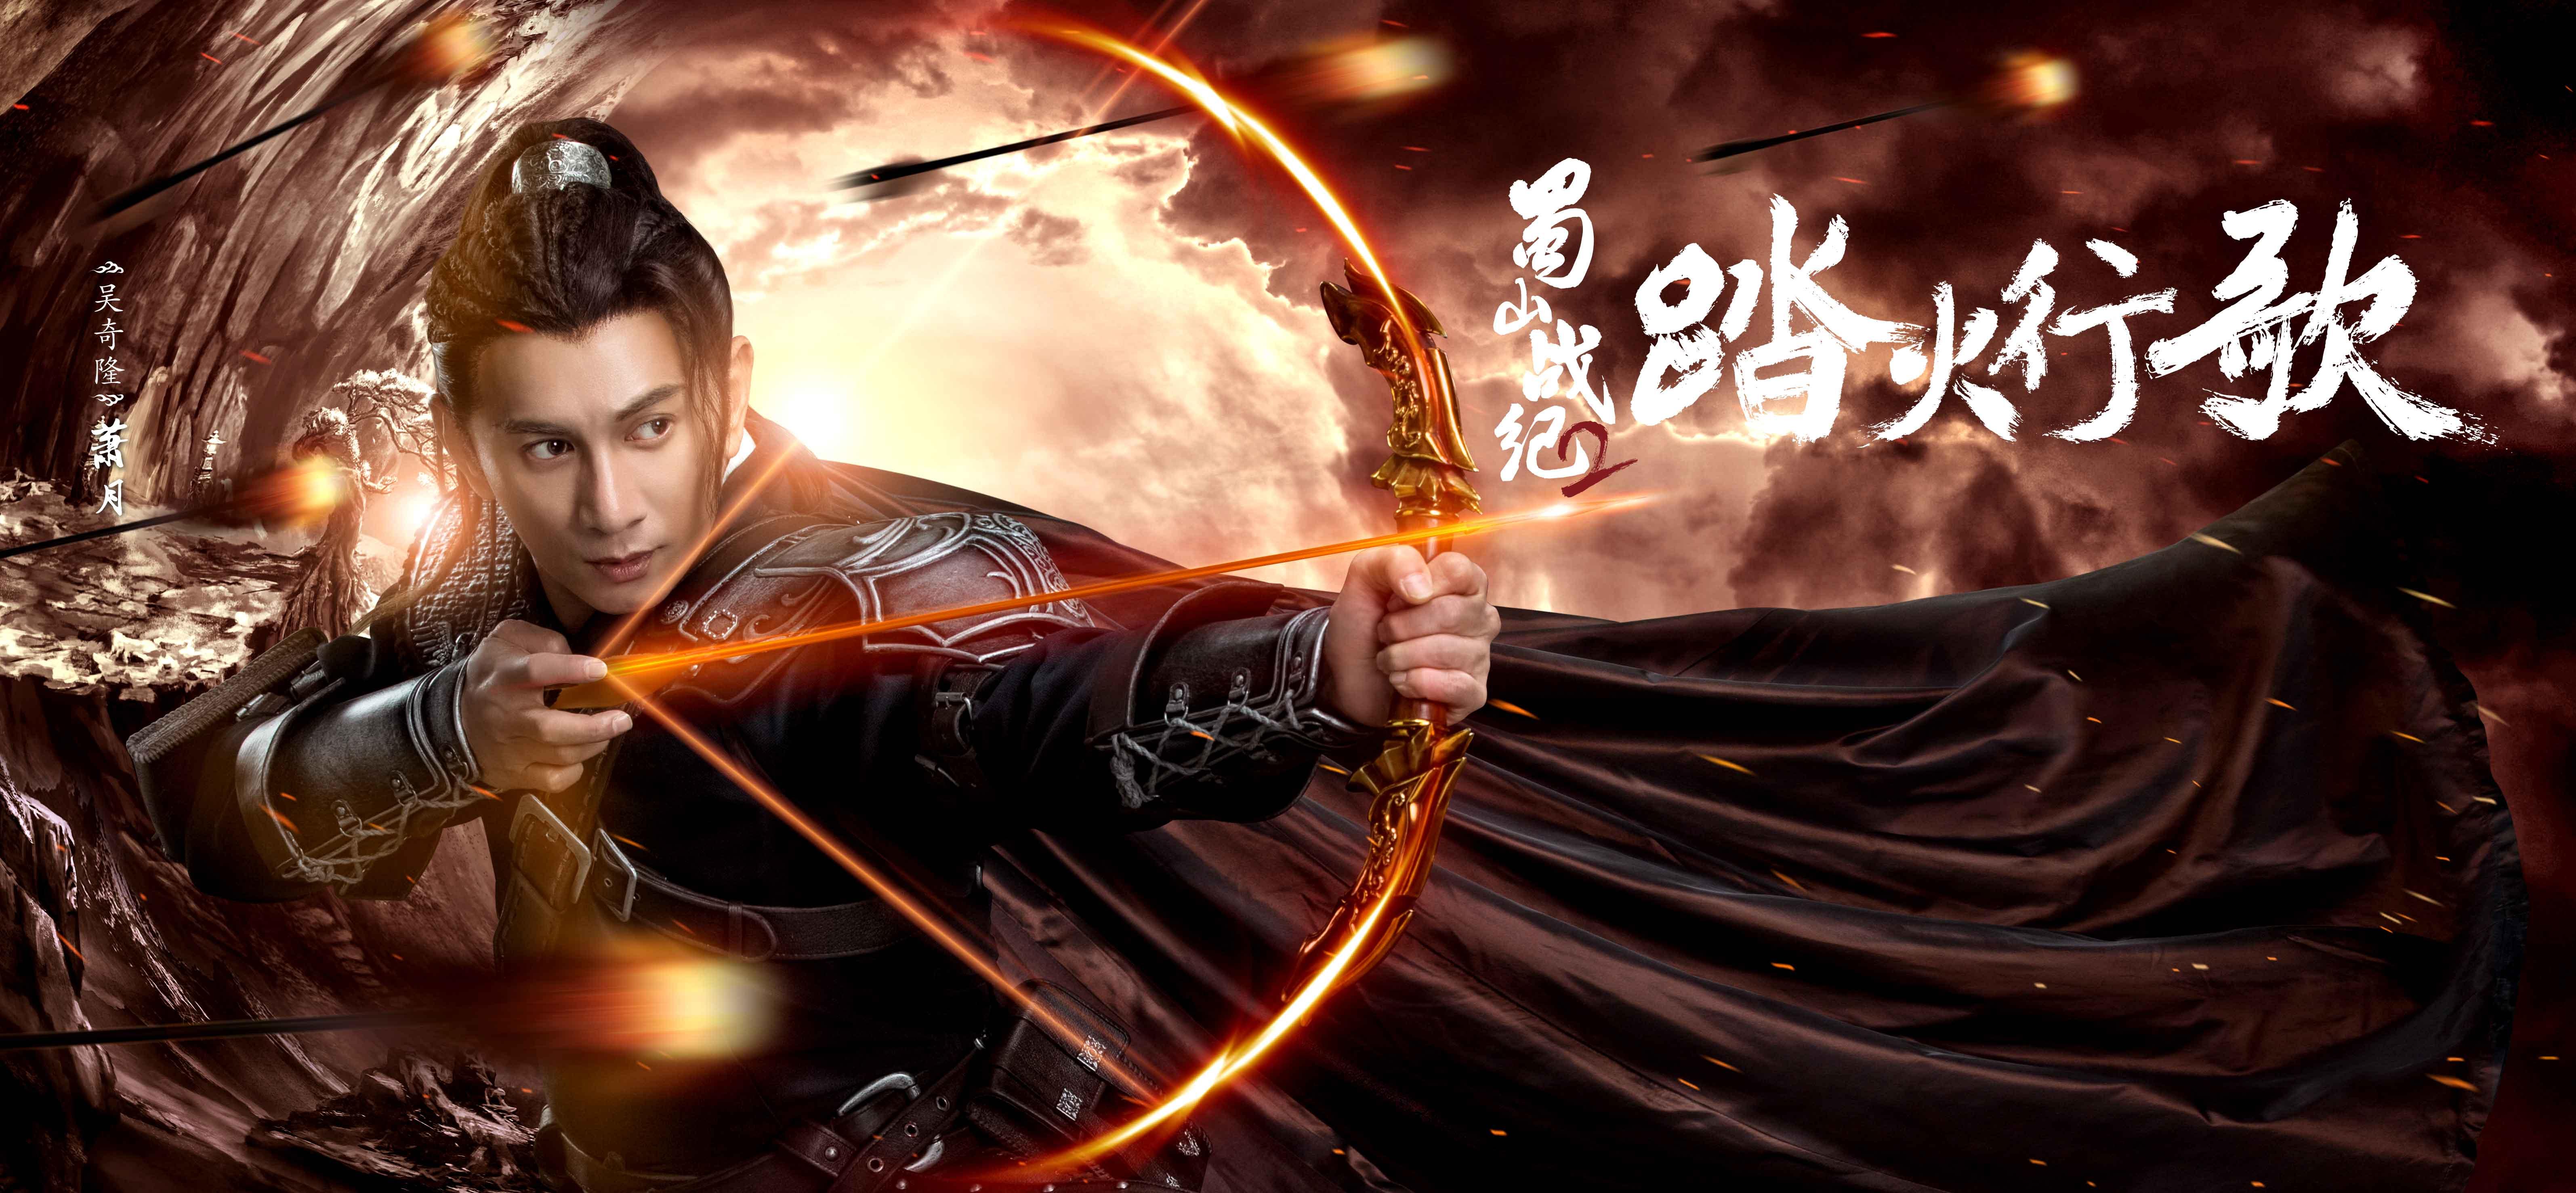 """《蜀山战纪2》曝""""盔甲""""版人物海报意气风发演绎新武侠"""